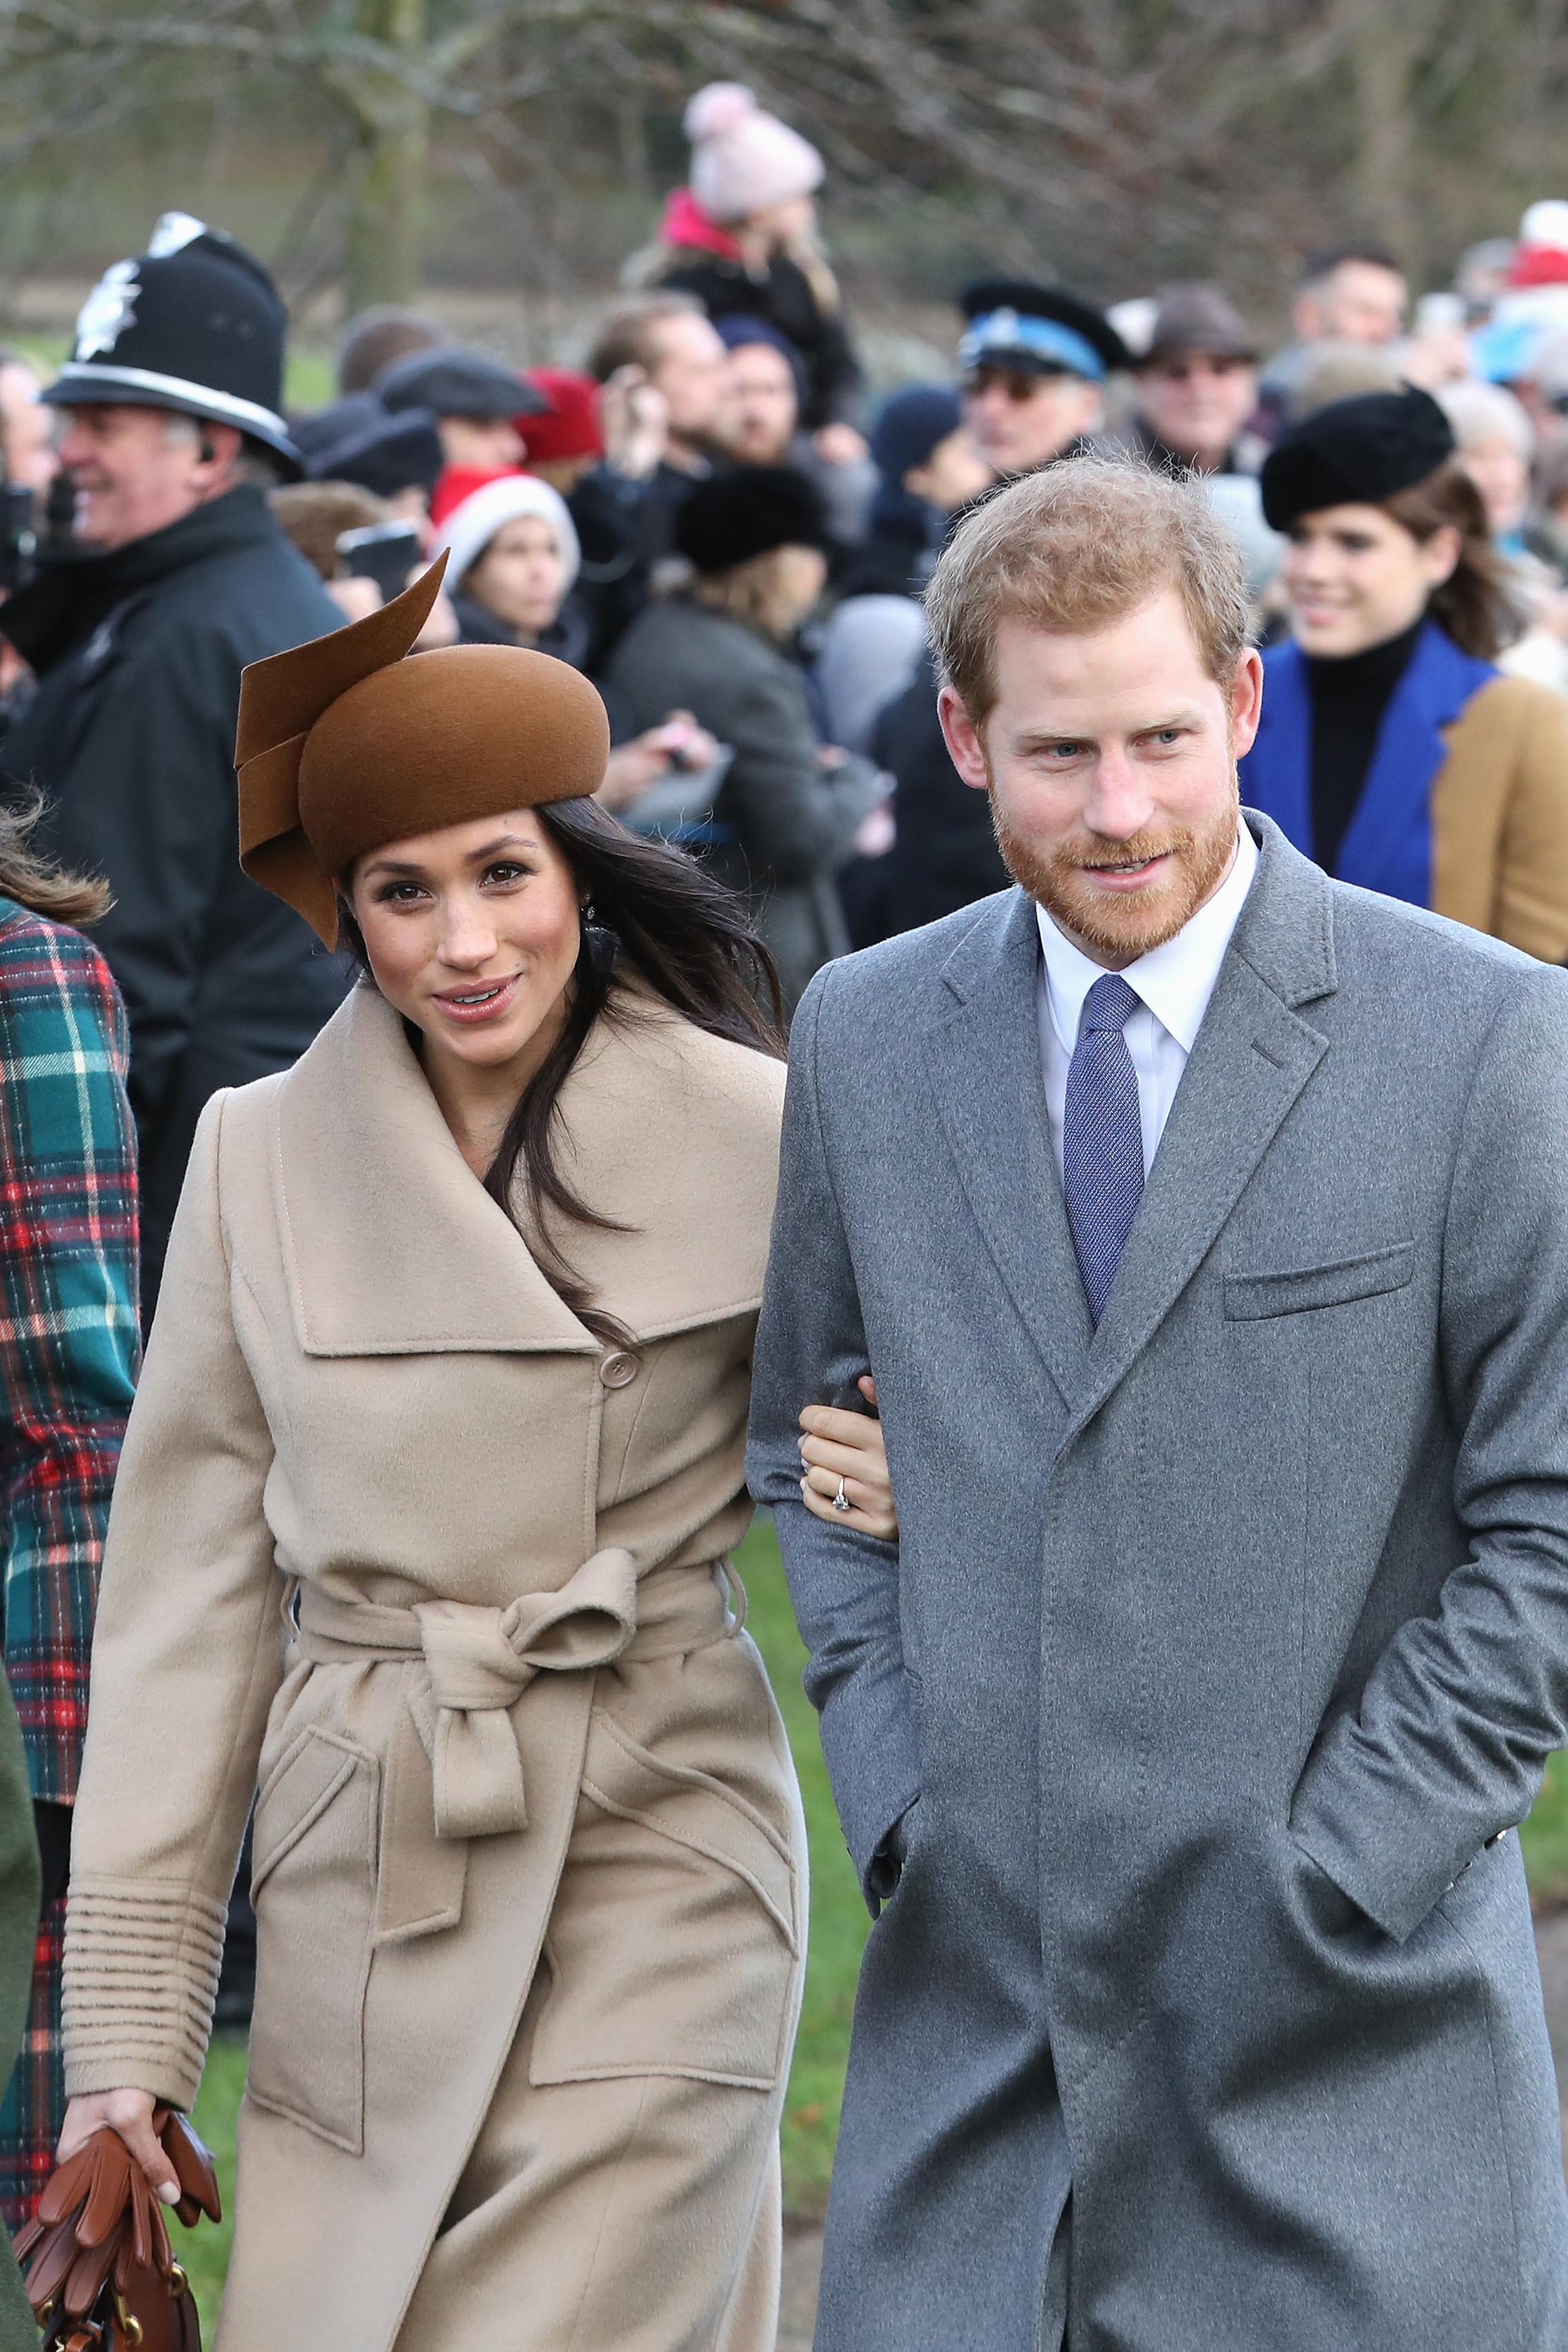 Prince Harry and Meghan Markle Christmas Morning